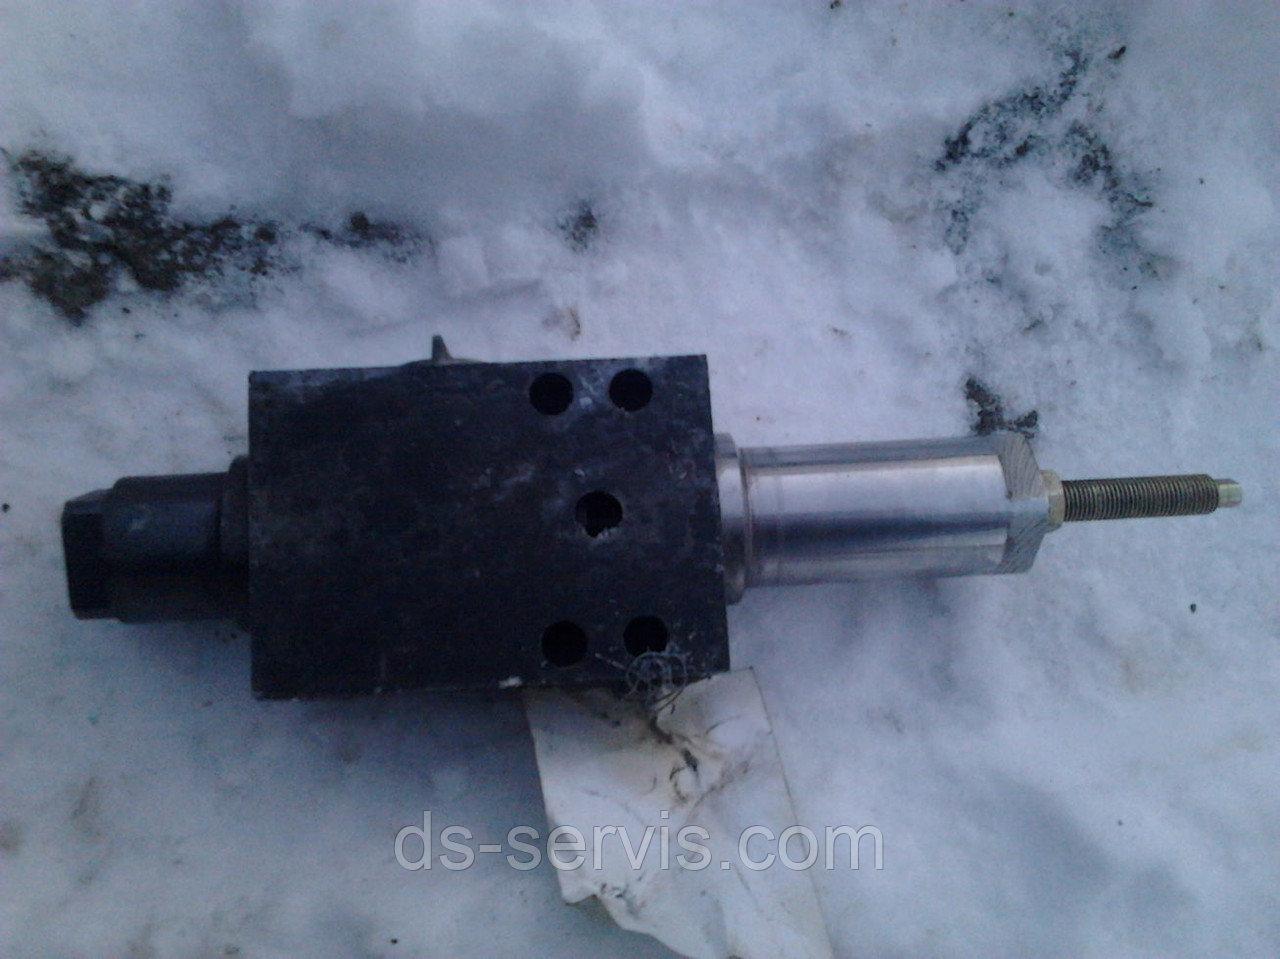 Клапан обратно-управляемый КС-3579.84.700-02